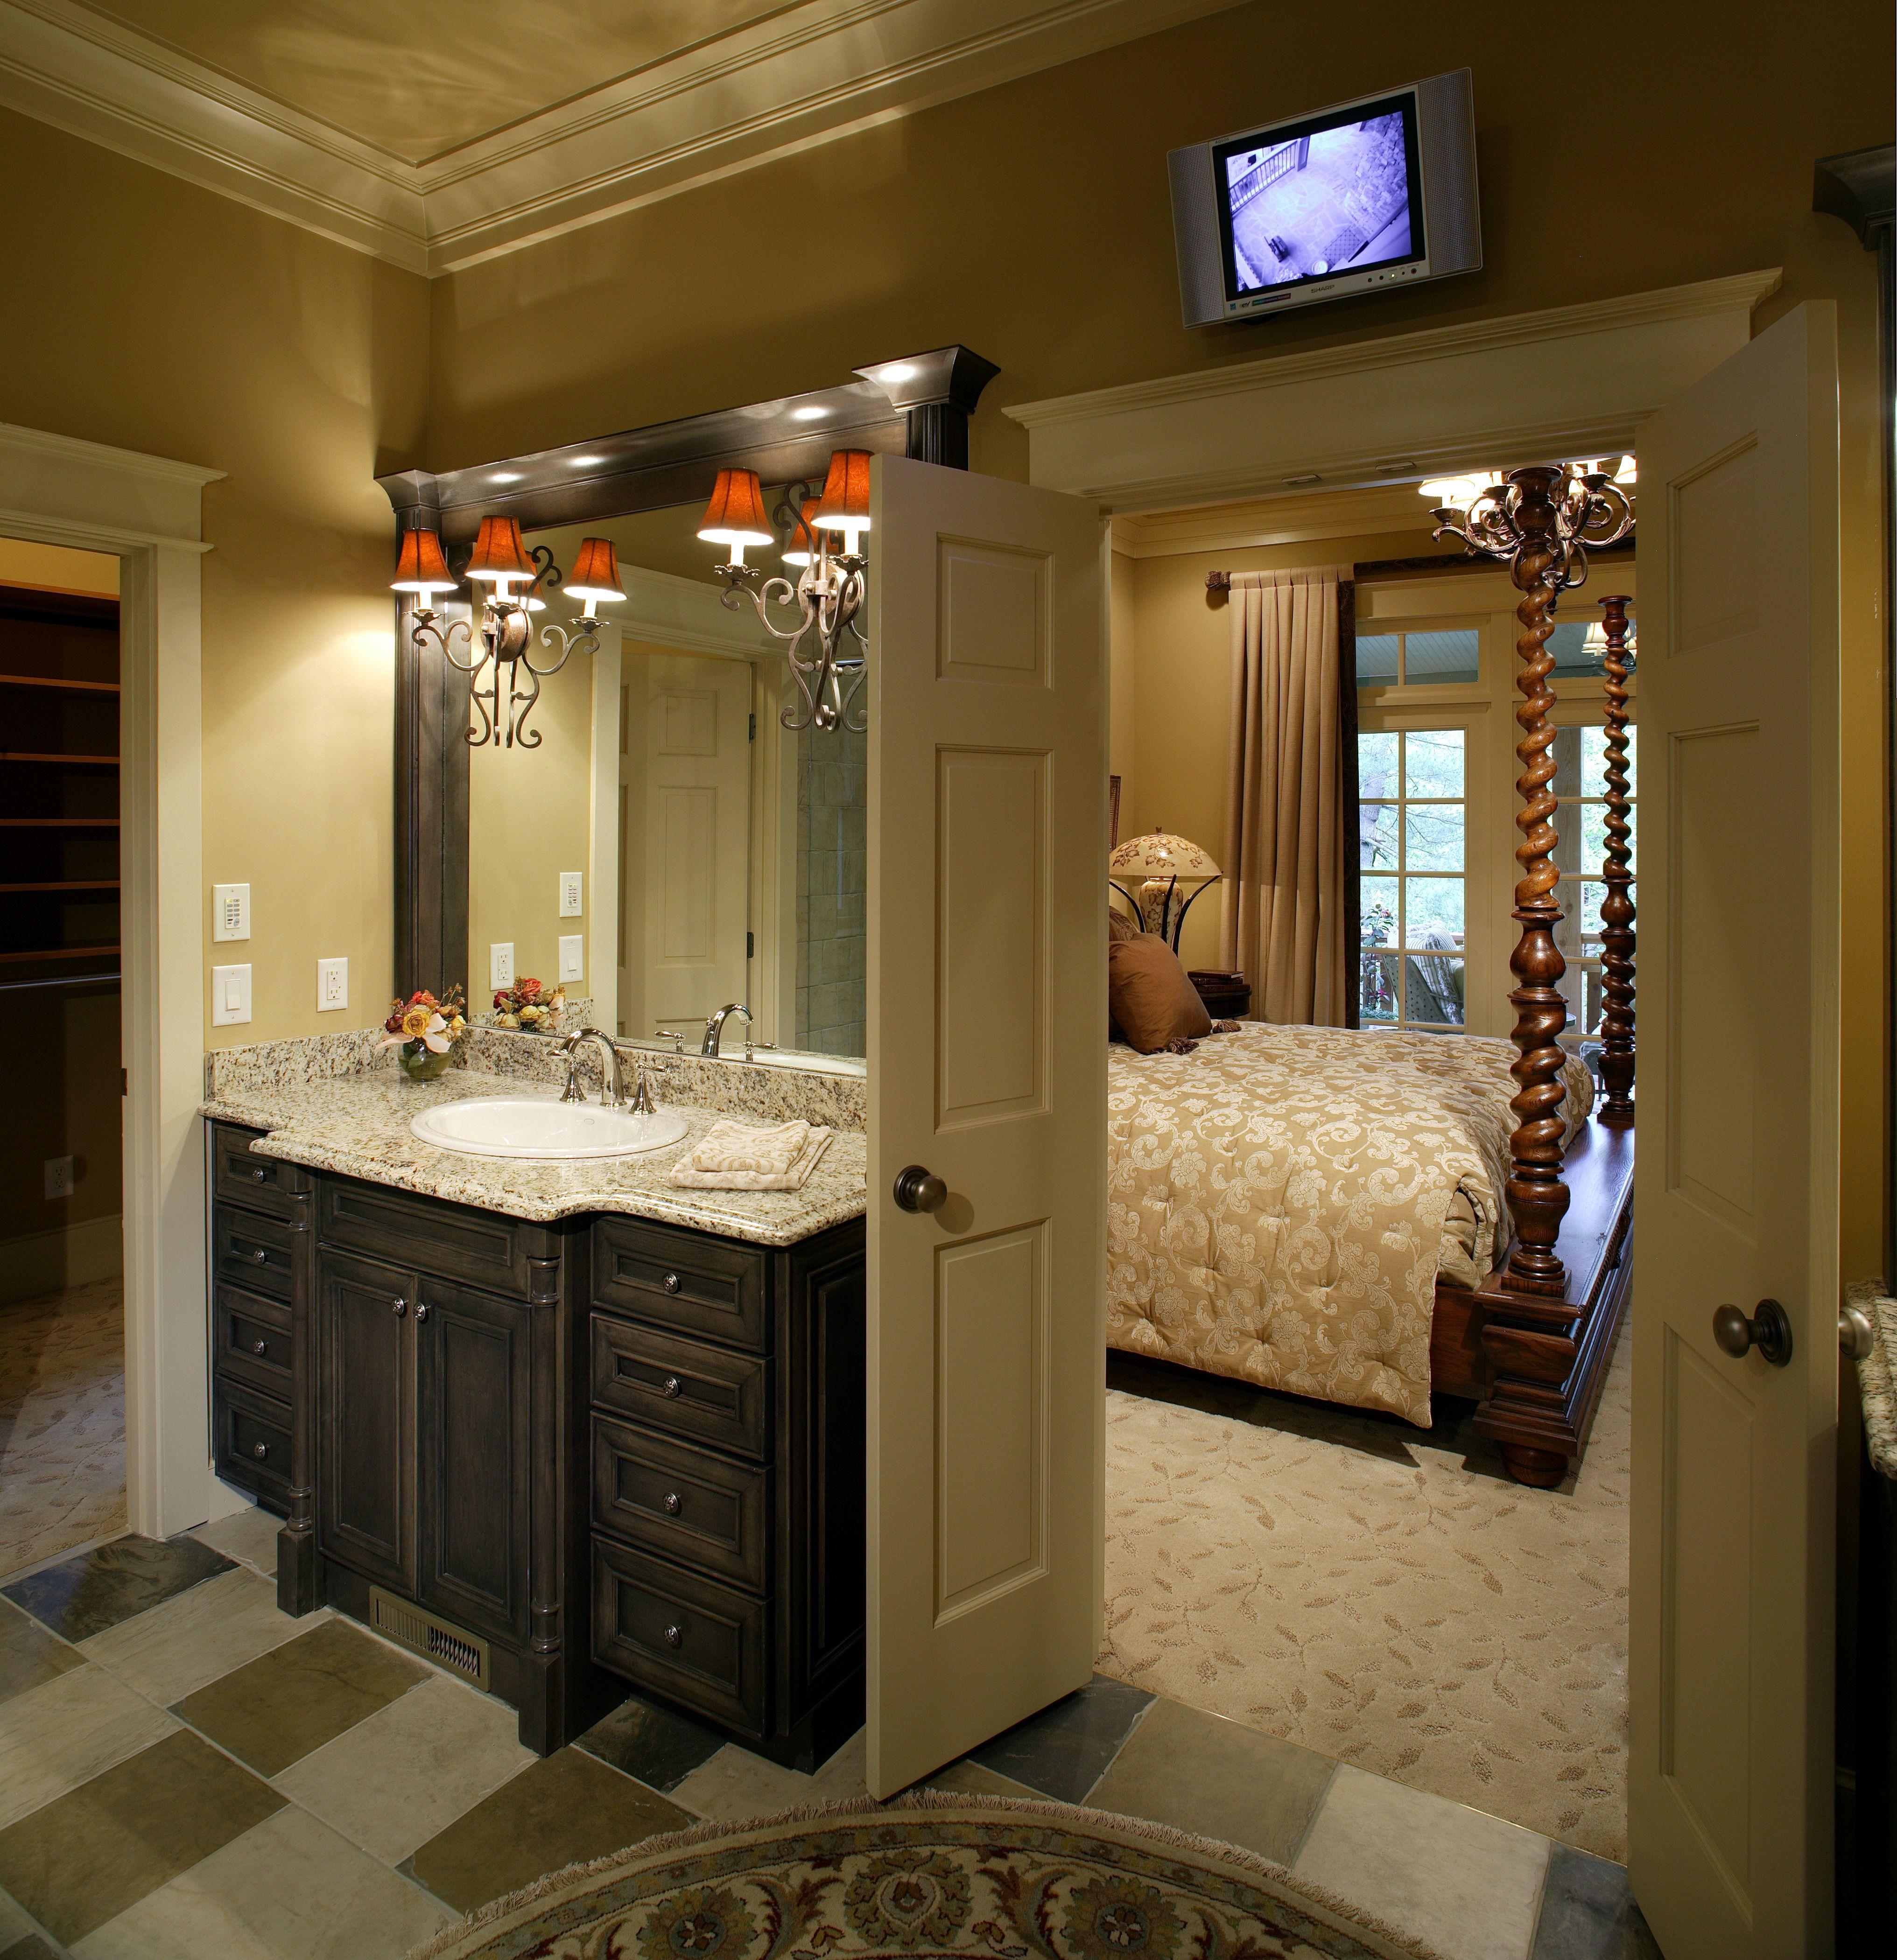 Bathroom Remodel Cost Estimator | Bathroom remodel cost ...